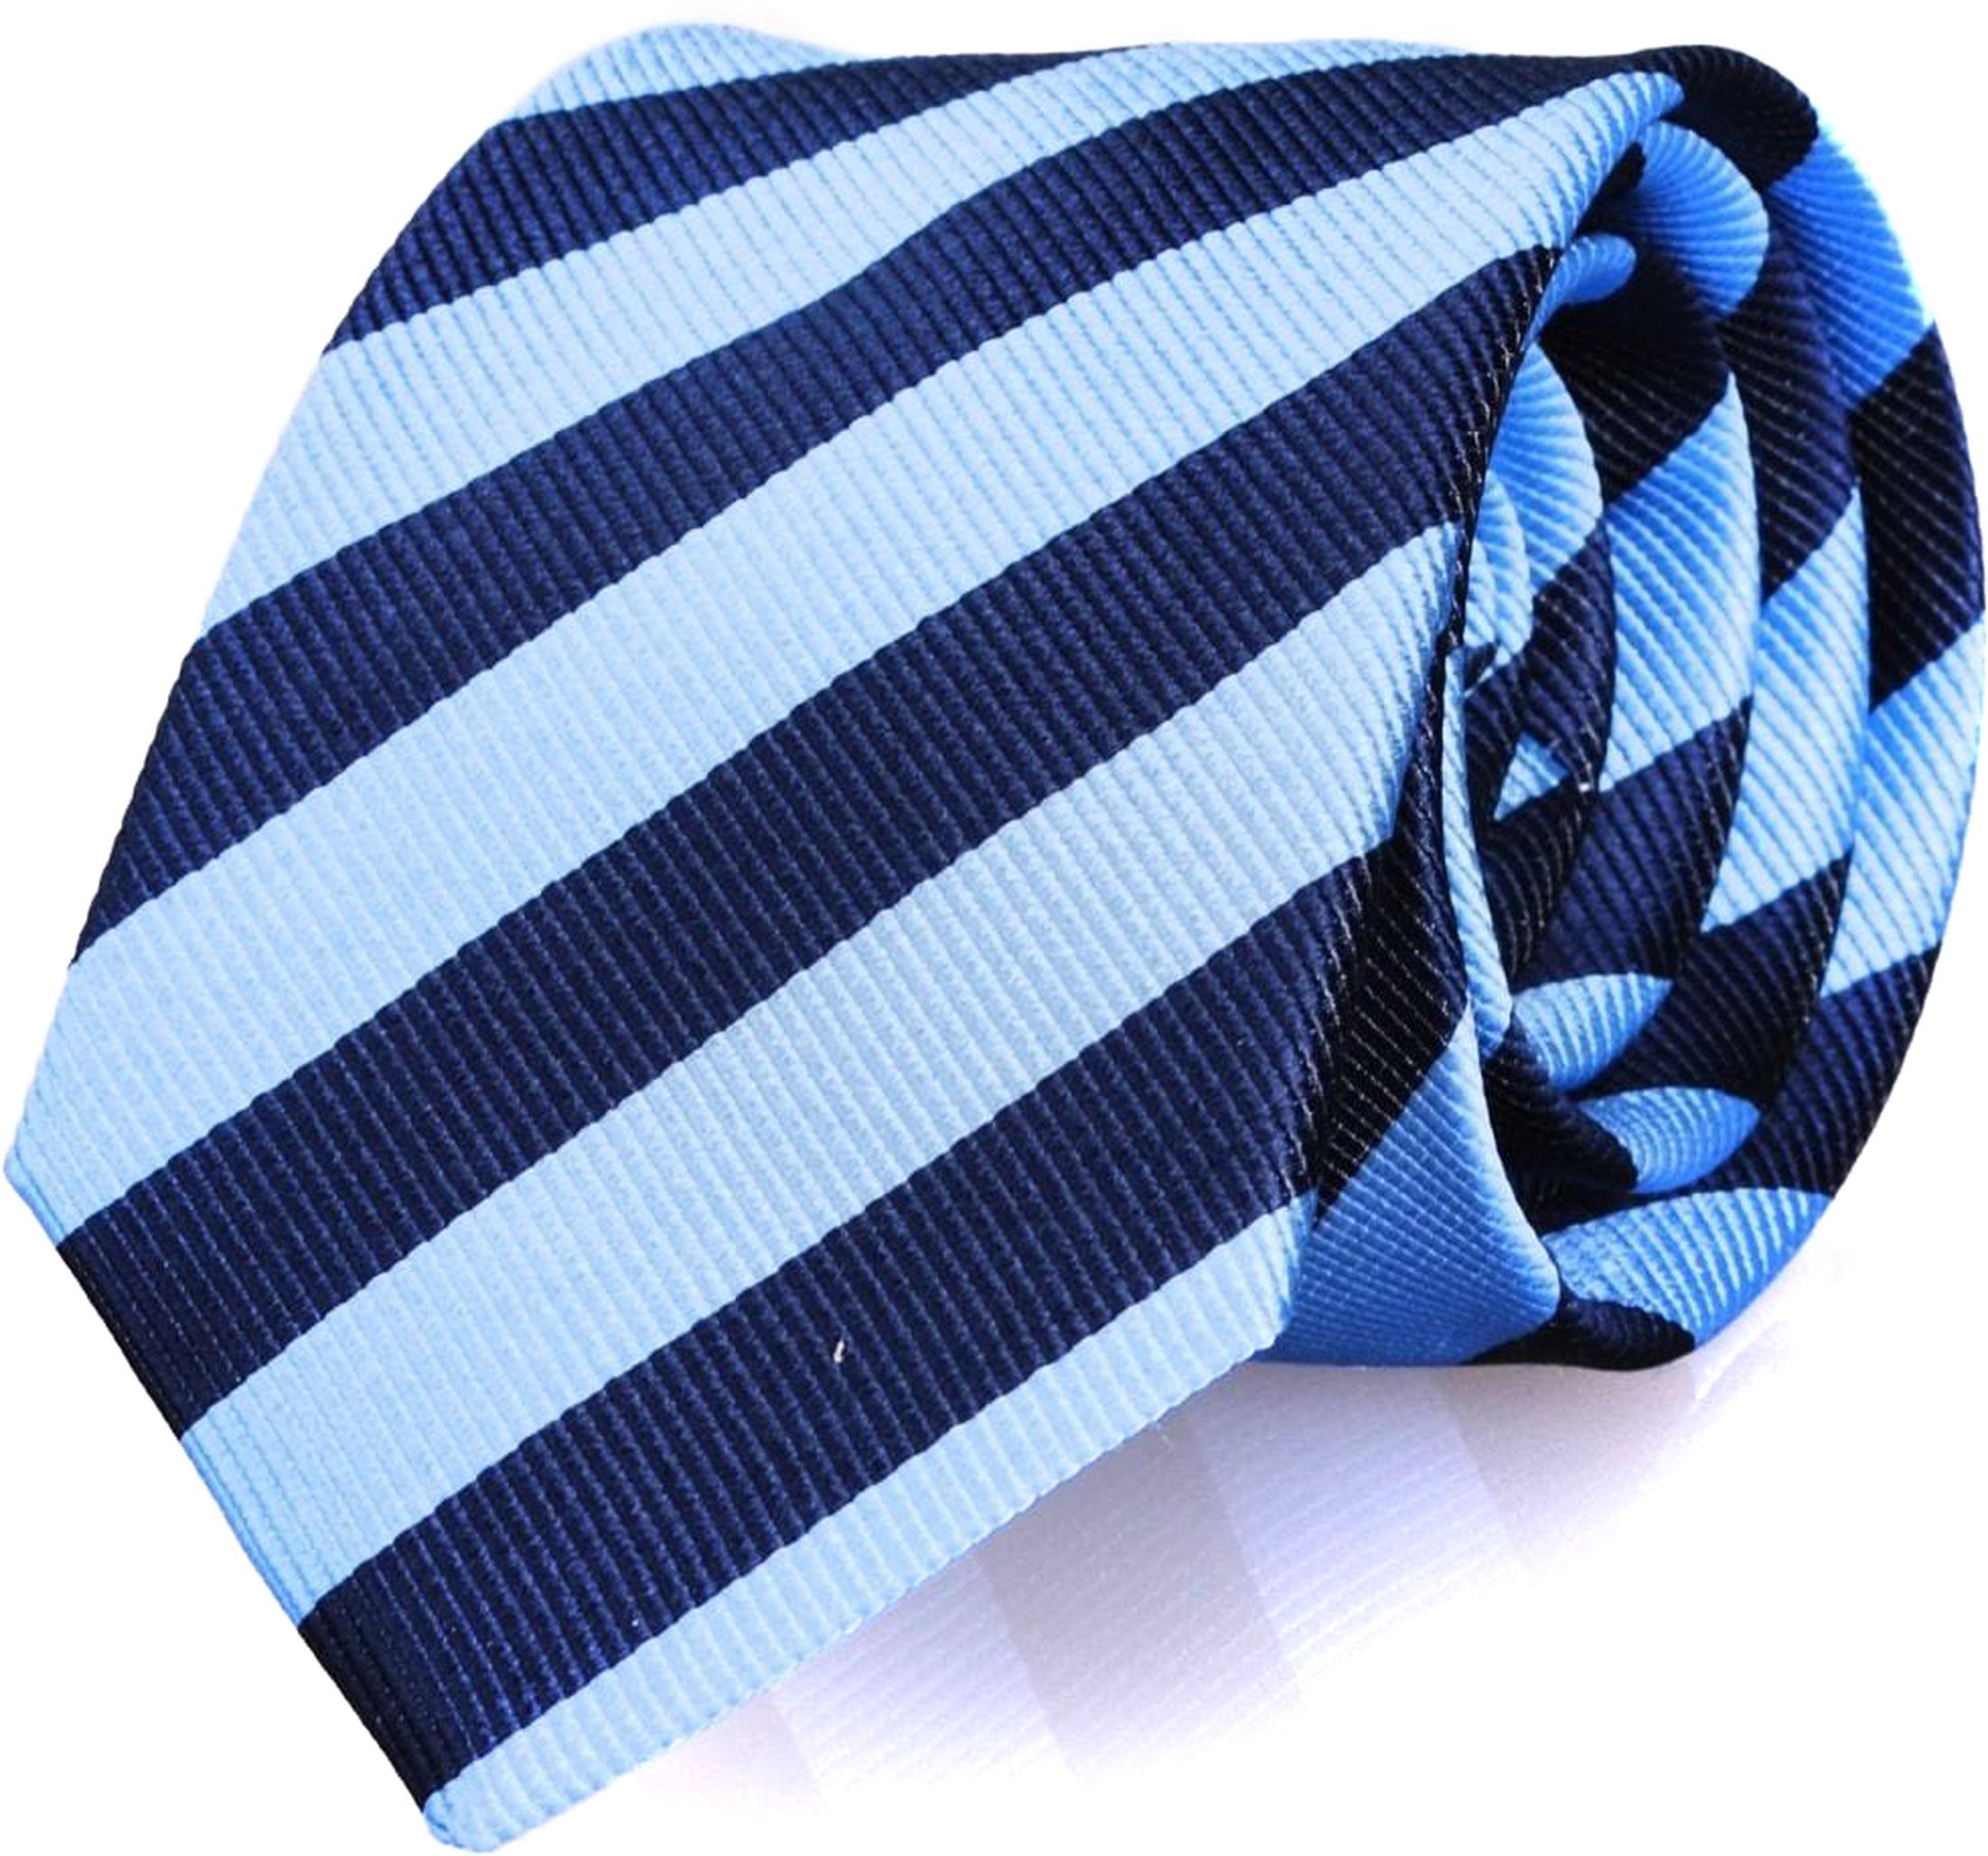 Silk Tie Blue + Navy Striped FD13